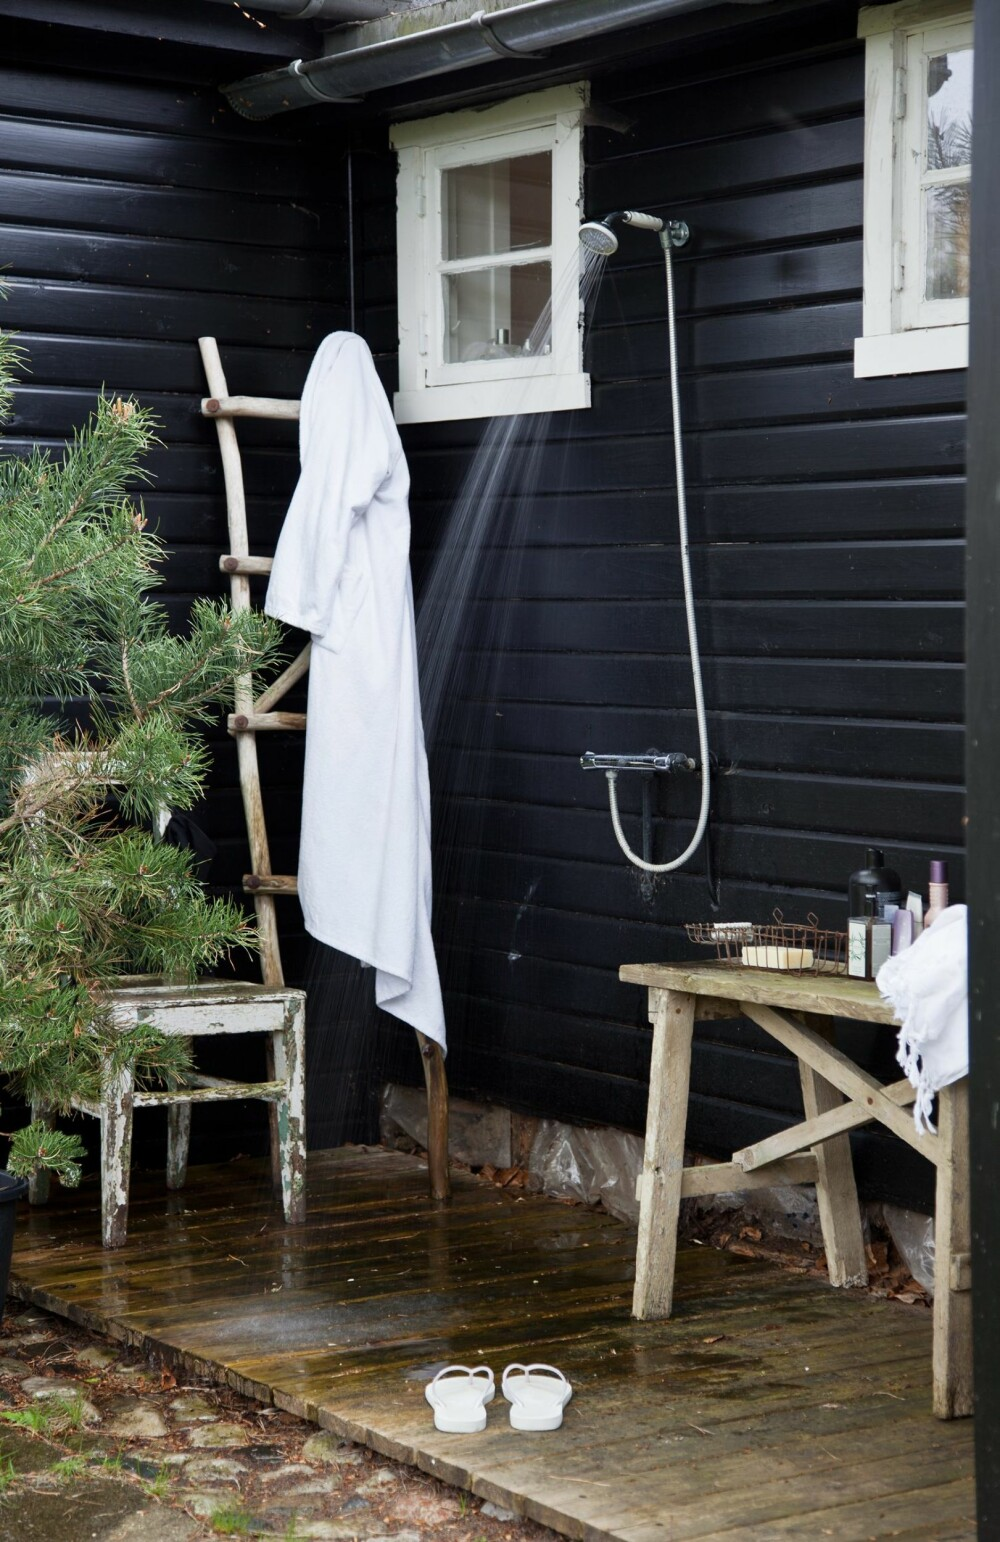 I DET FRI: I sommerhuset foregår dusjingen under åpen himmel. Grantreet i potten gjør jobben som dusjforheng.